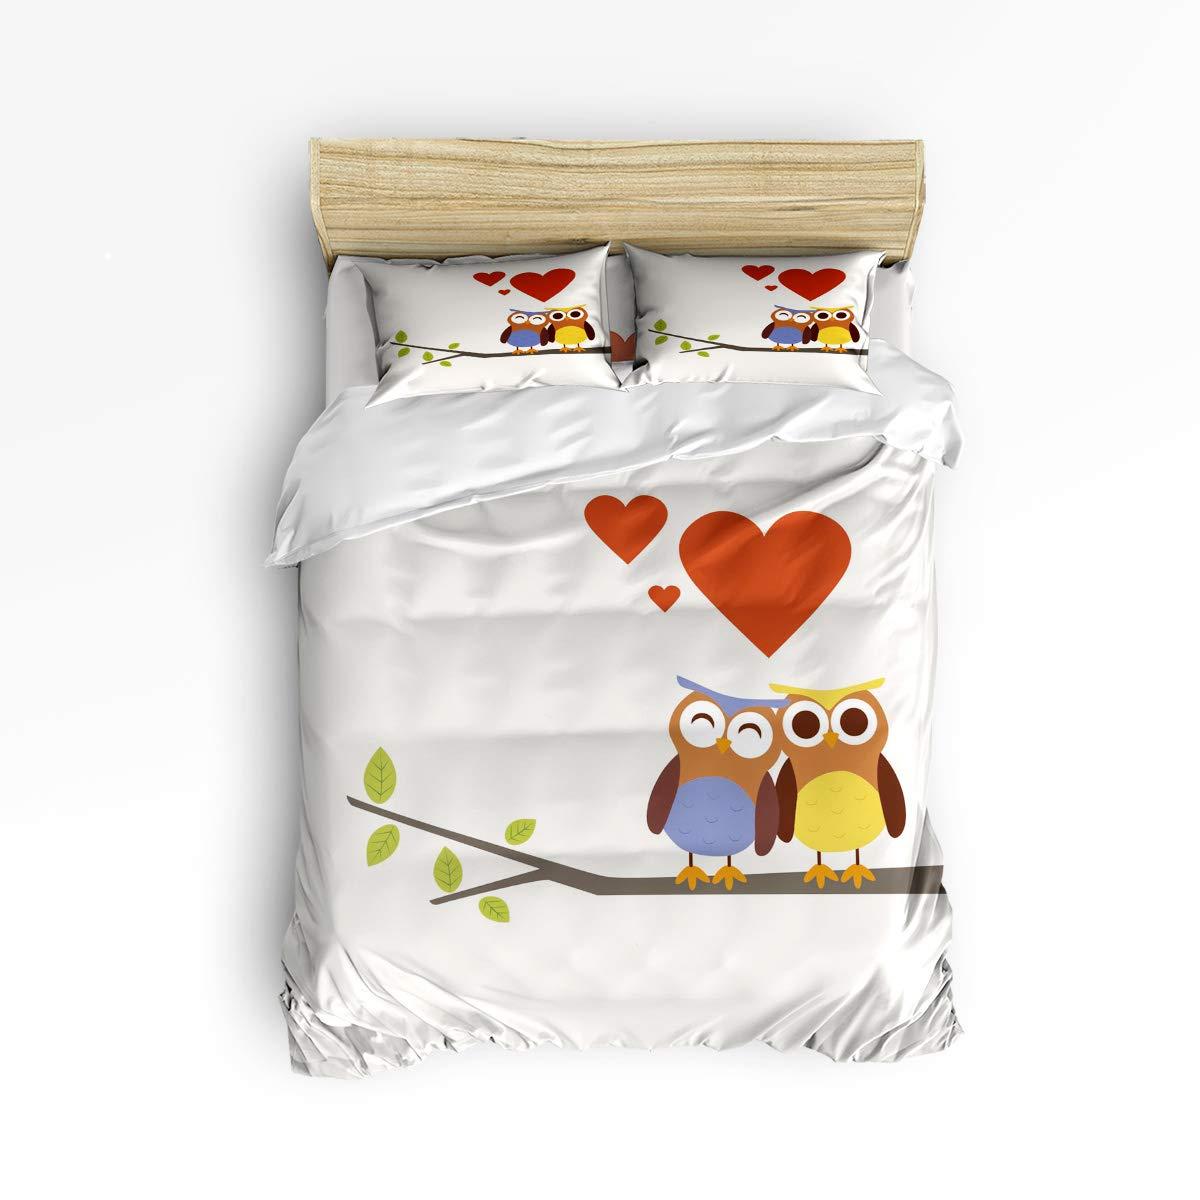 フルサイズ 掛け布団カバー4点セット ジッパー付き かわいいソフトベッドシーツセット 枝の上のふくろう 秋の愛 掛け布団カバー 寝具セット 掛け布団カバー1枚+ベッドシーツ1枚+枕カバー2枚 B07KWBV2XW